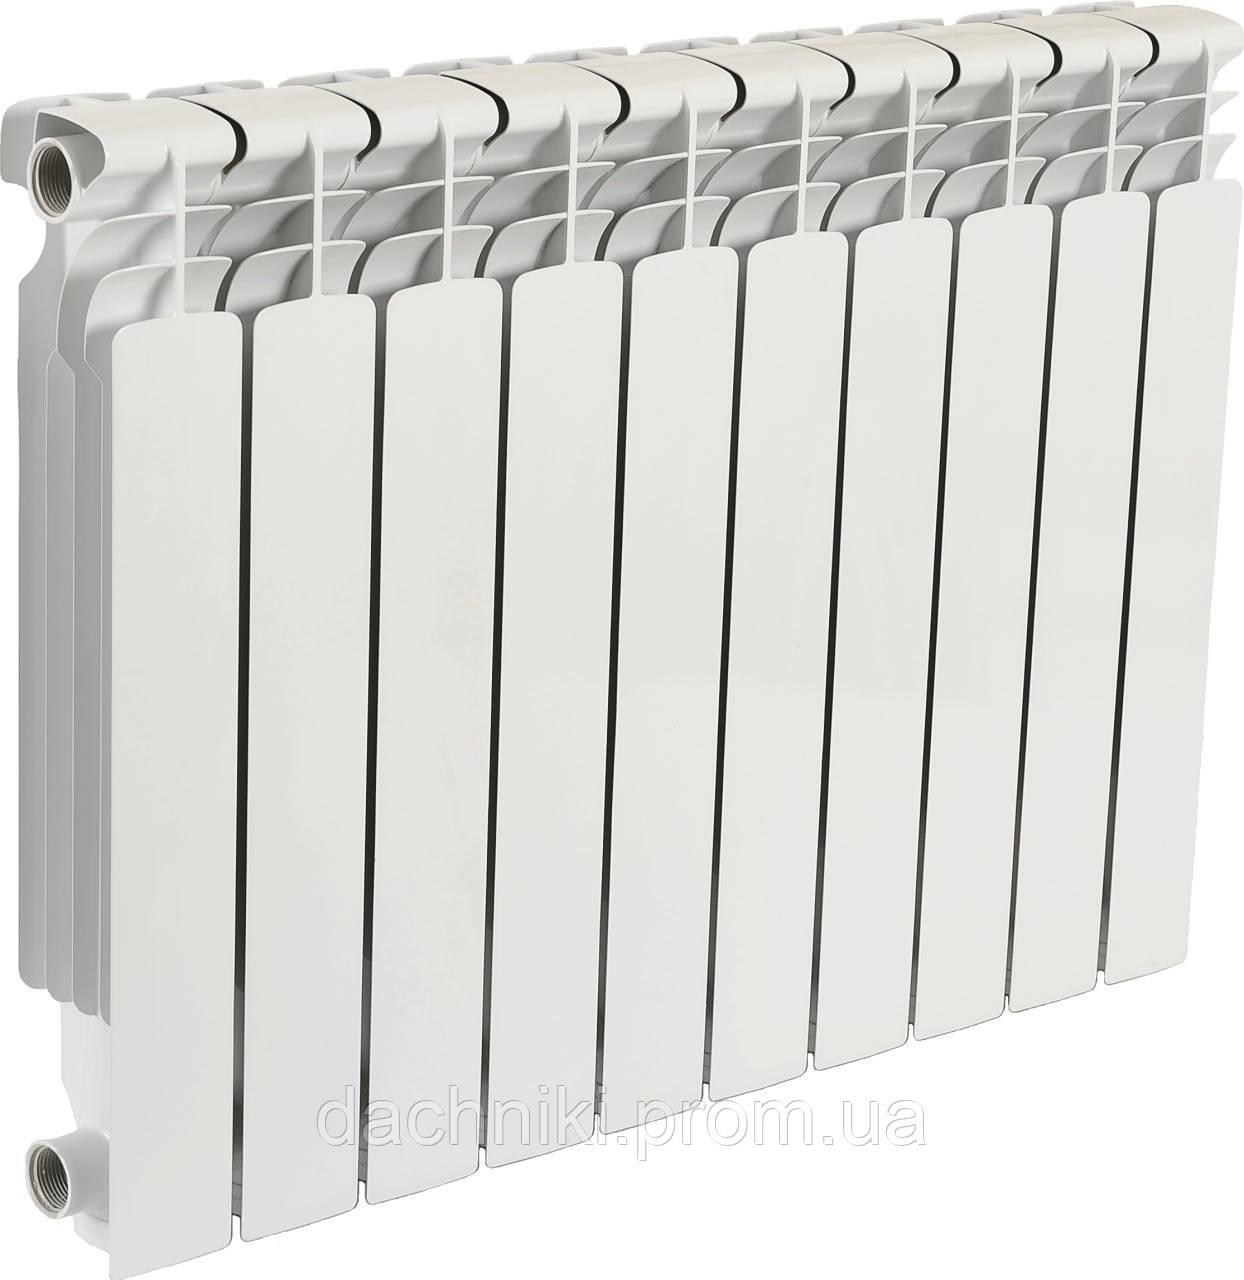 Биметаллический радиатор Atlant 500*100 (Хорватия)